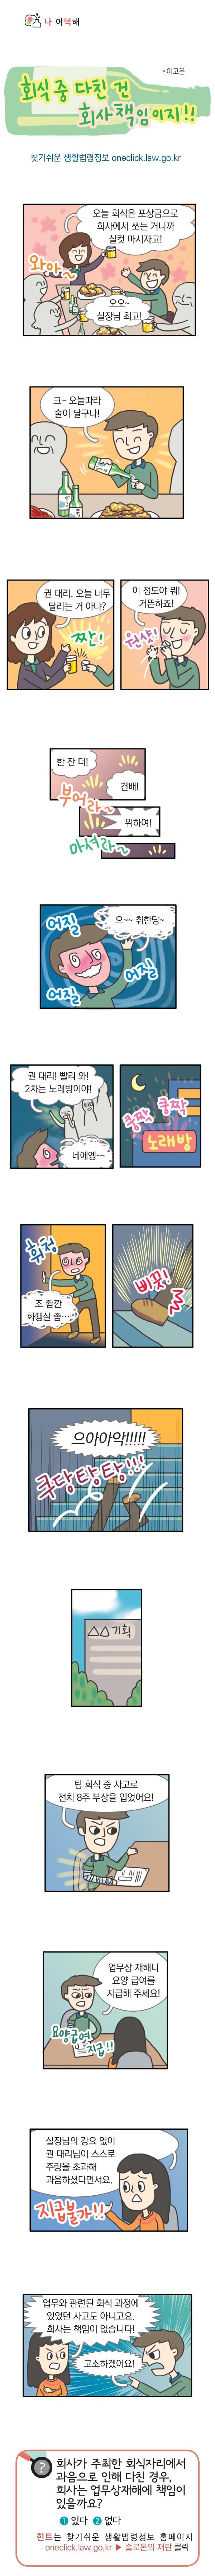 <법나들이 2017년 4월> 회식 중 다친건 회사책임이지!!